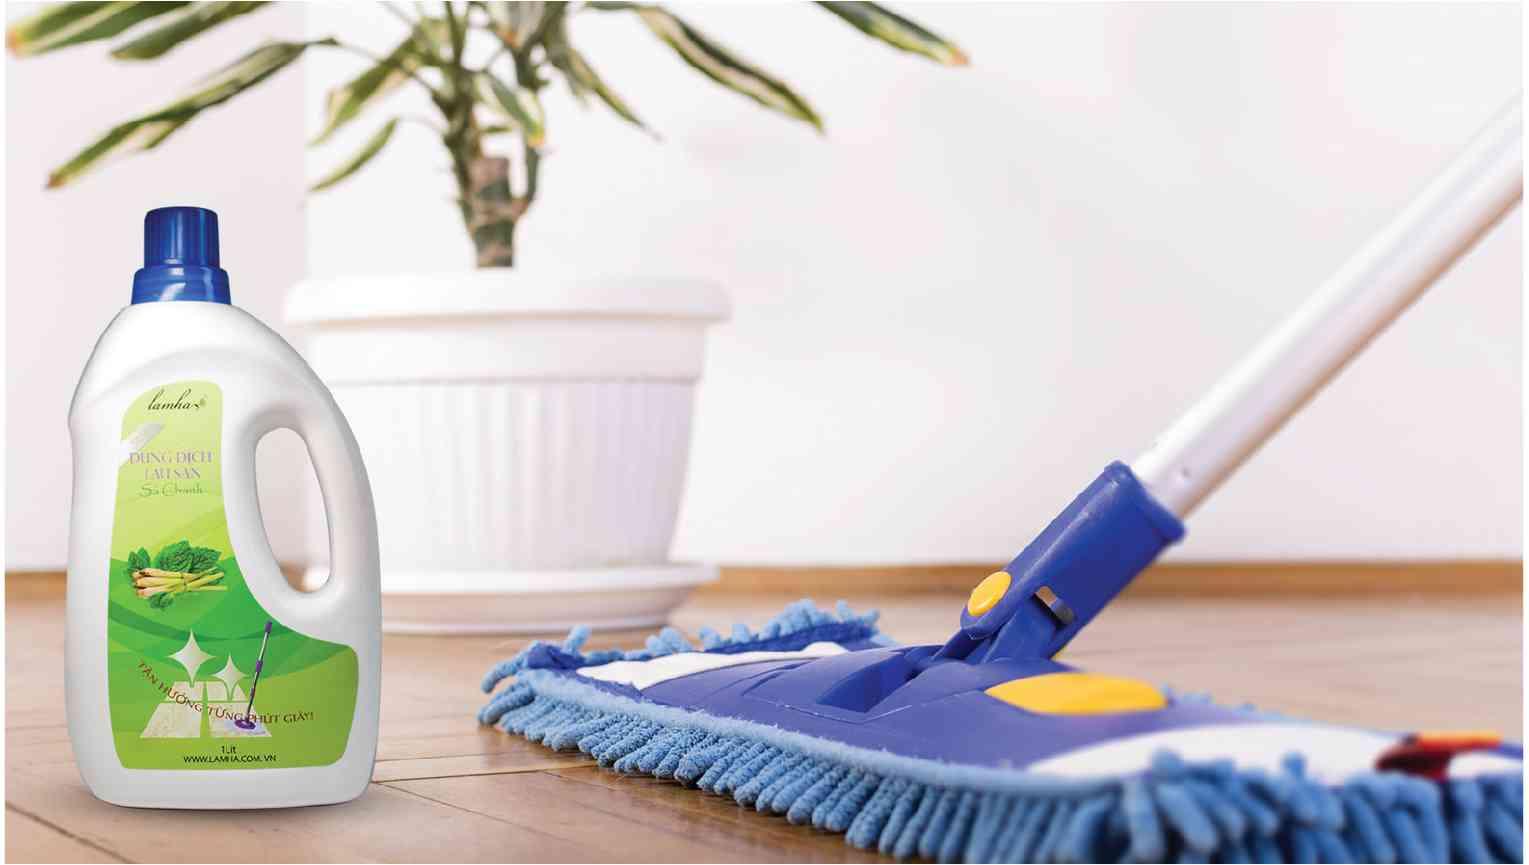 Nước lau sàn sả chanh diệt khuẩn